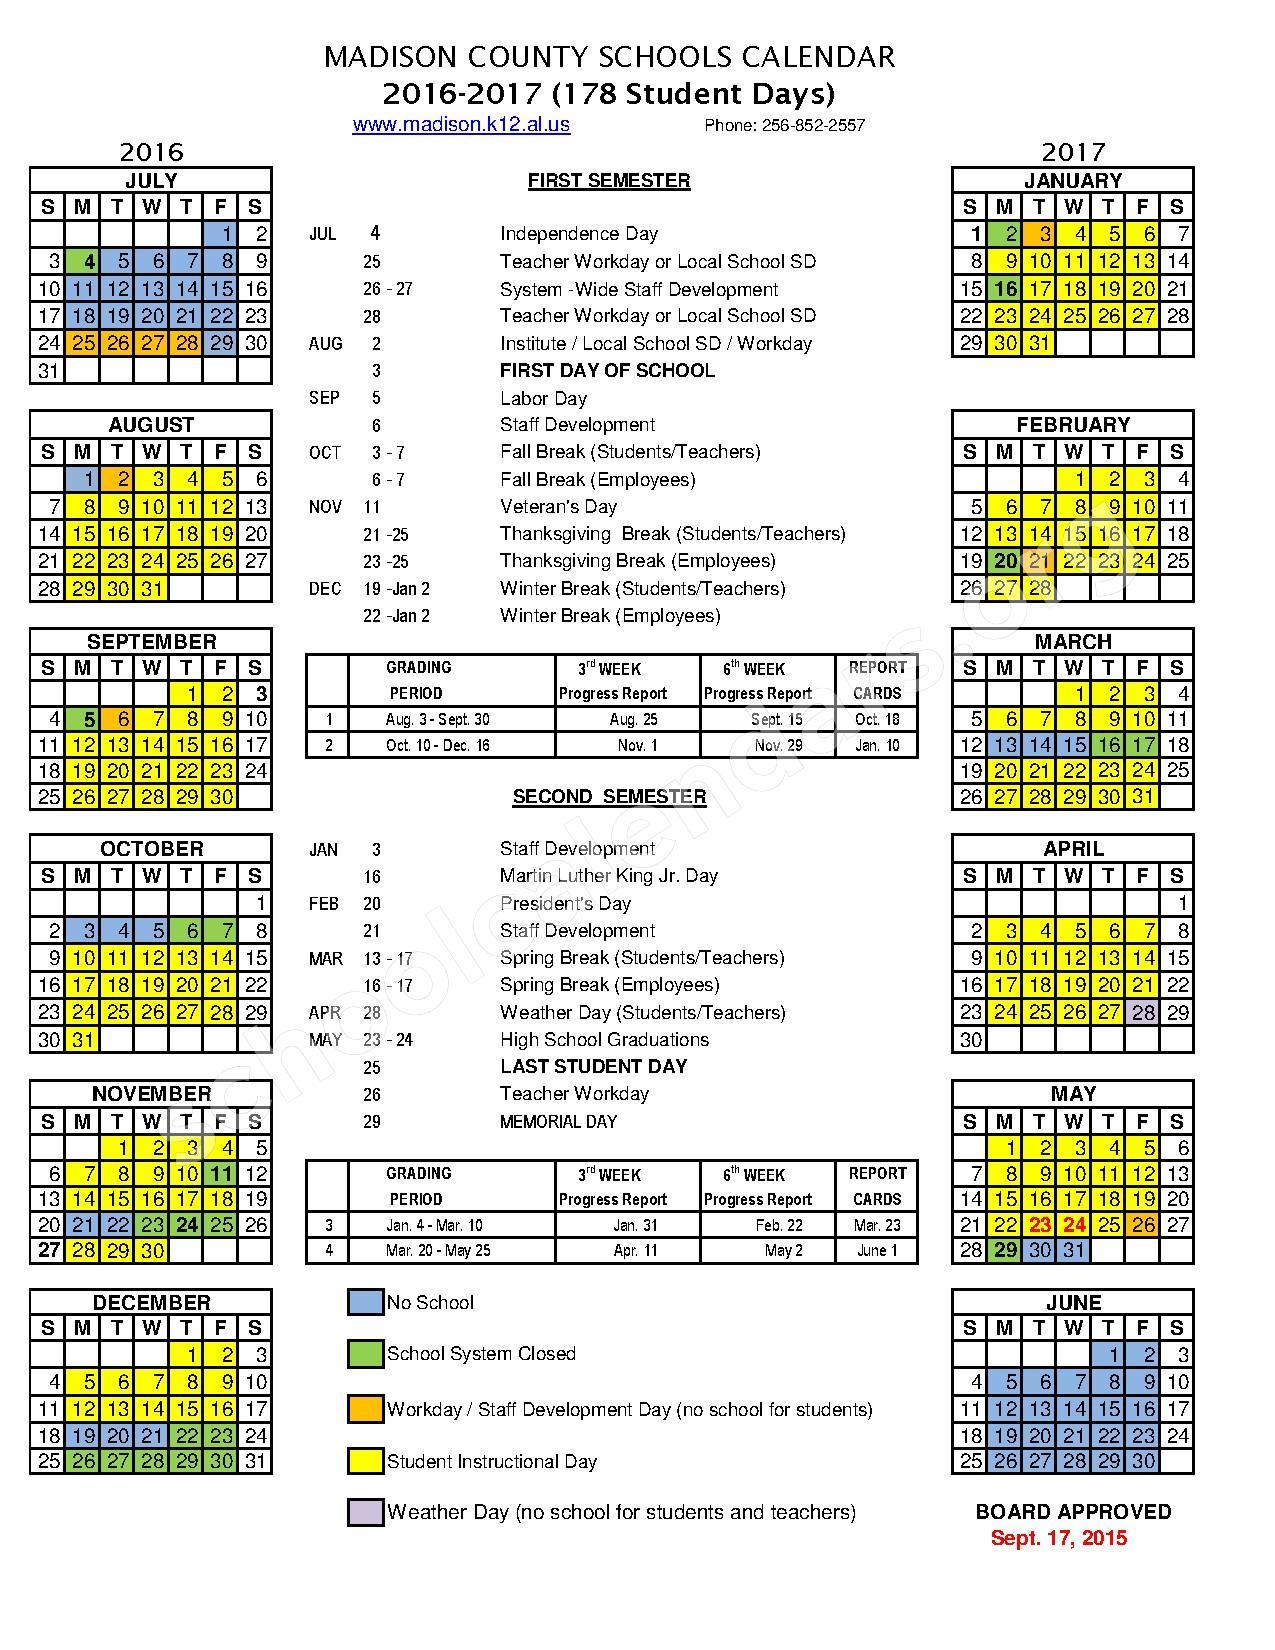 school calendar - kak2tak.tk